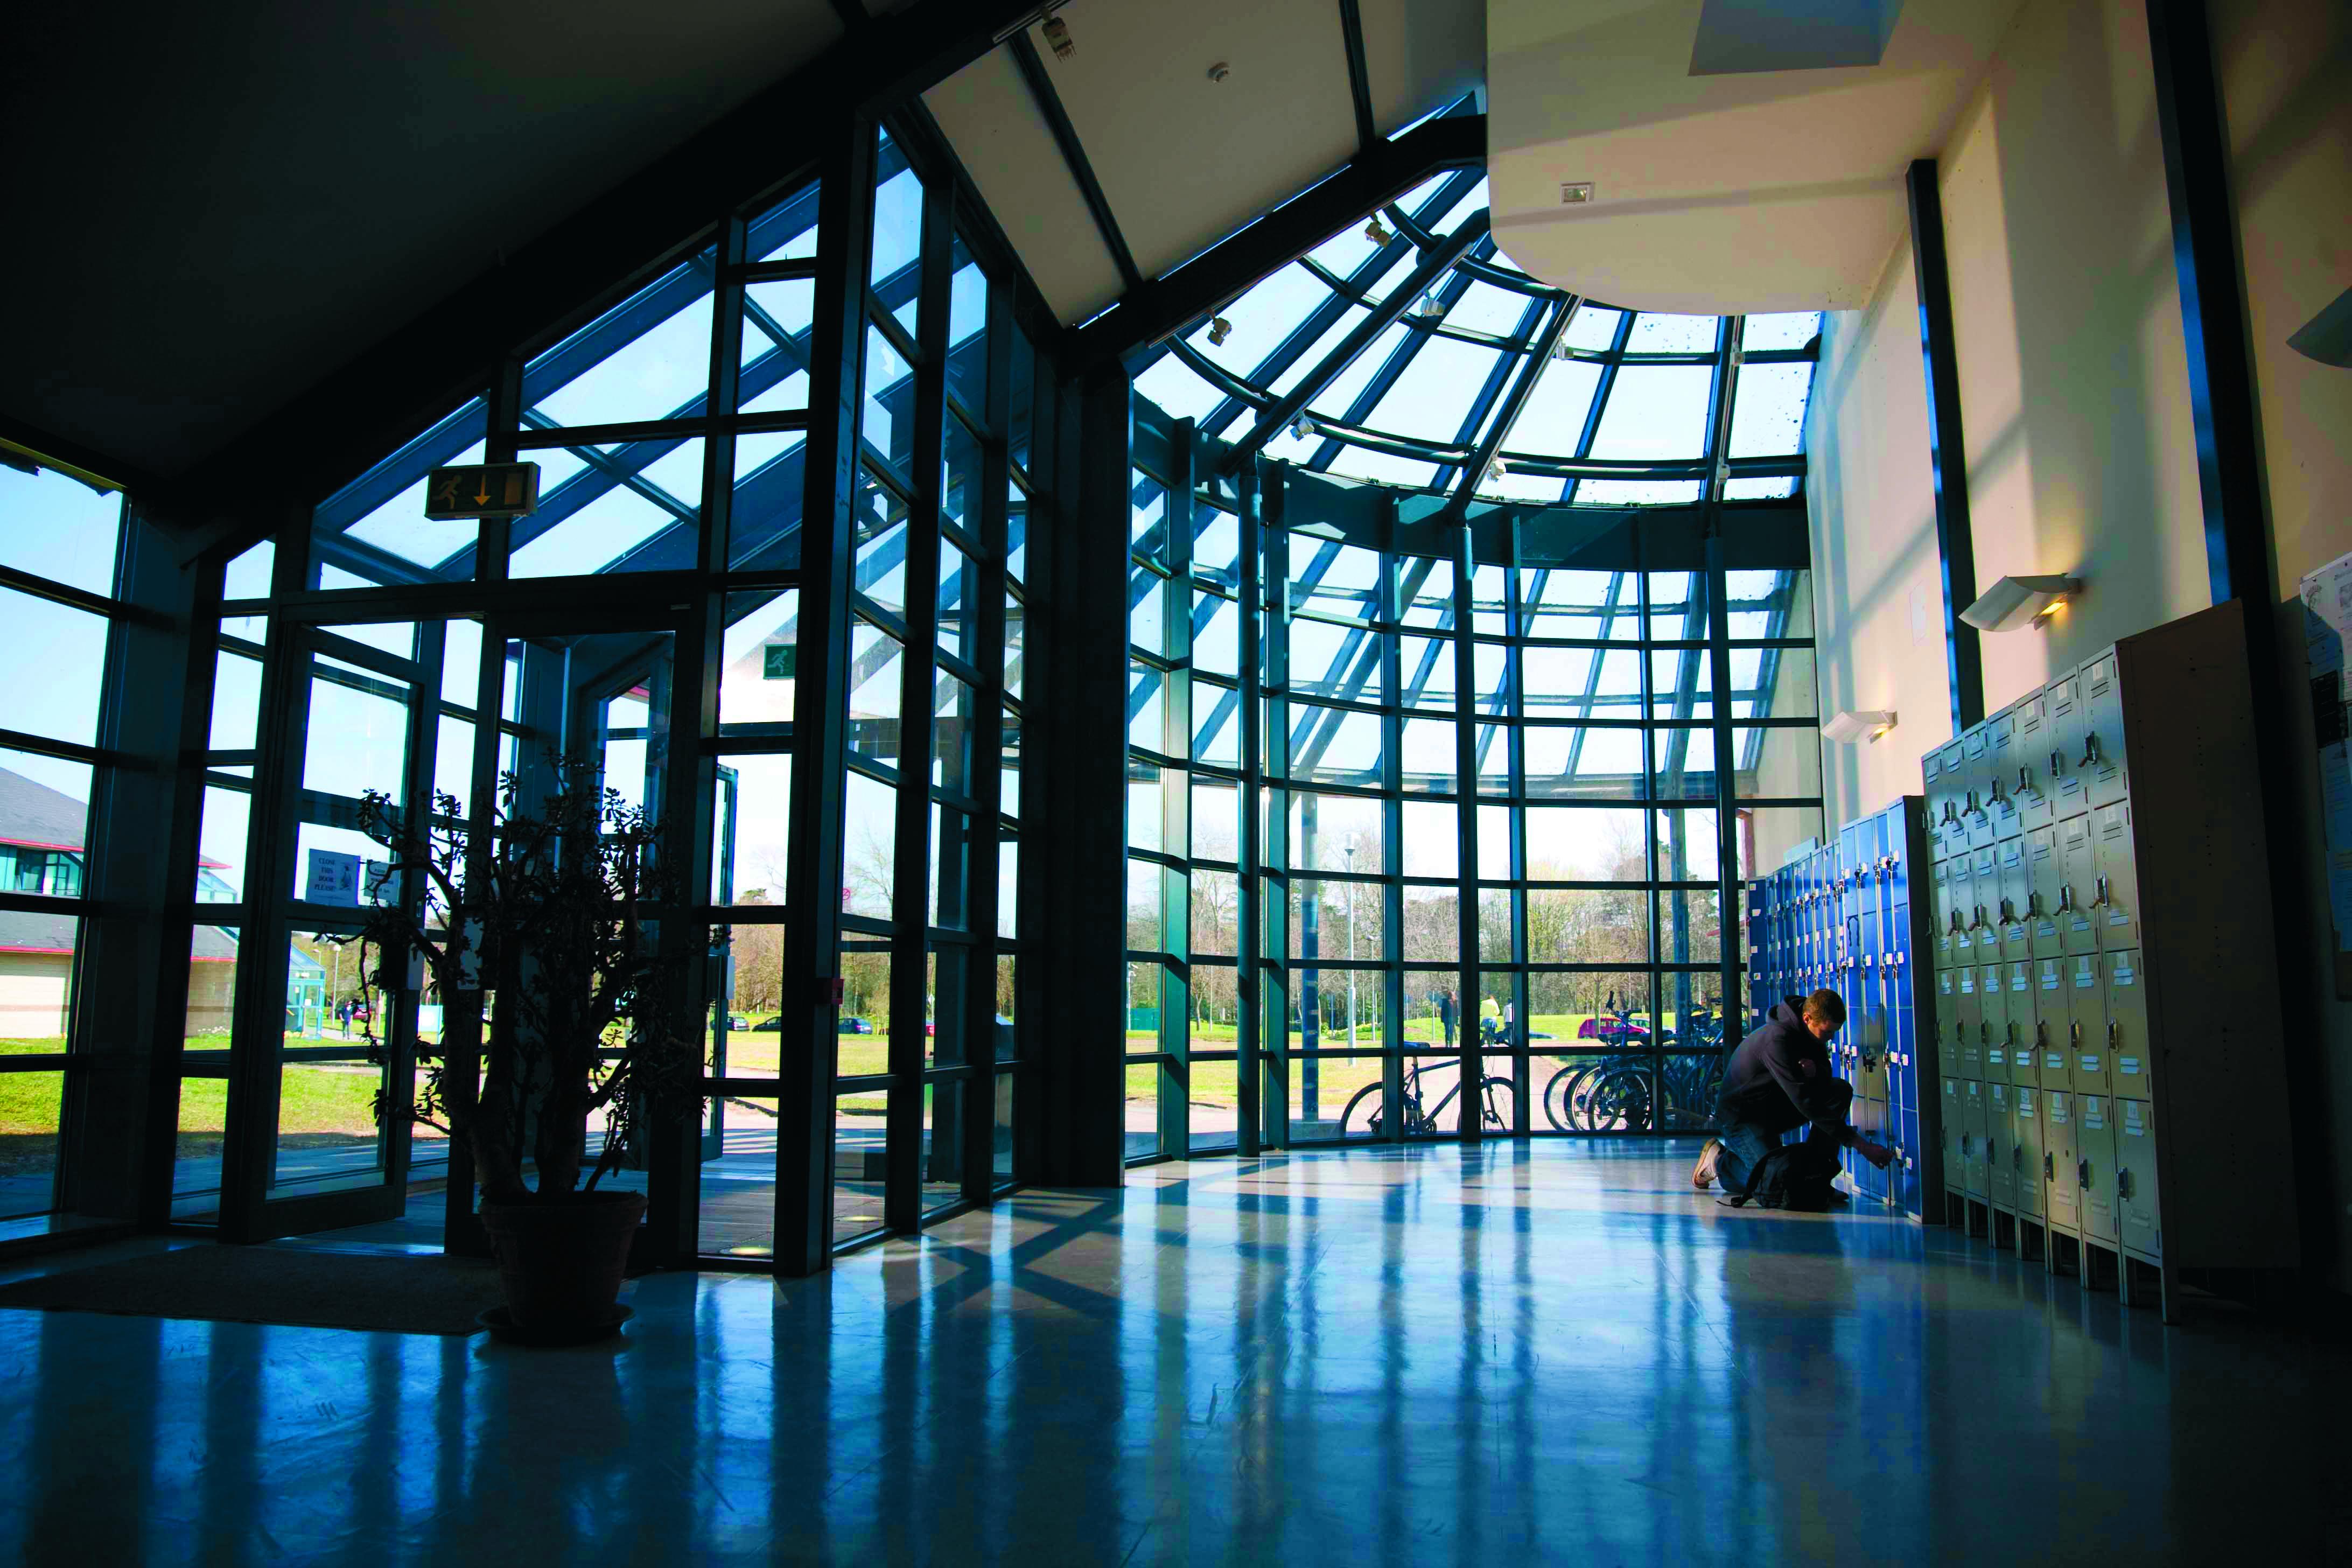 Callan Foyer - Forhalla Callan